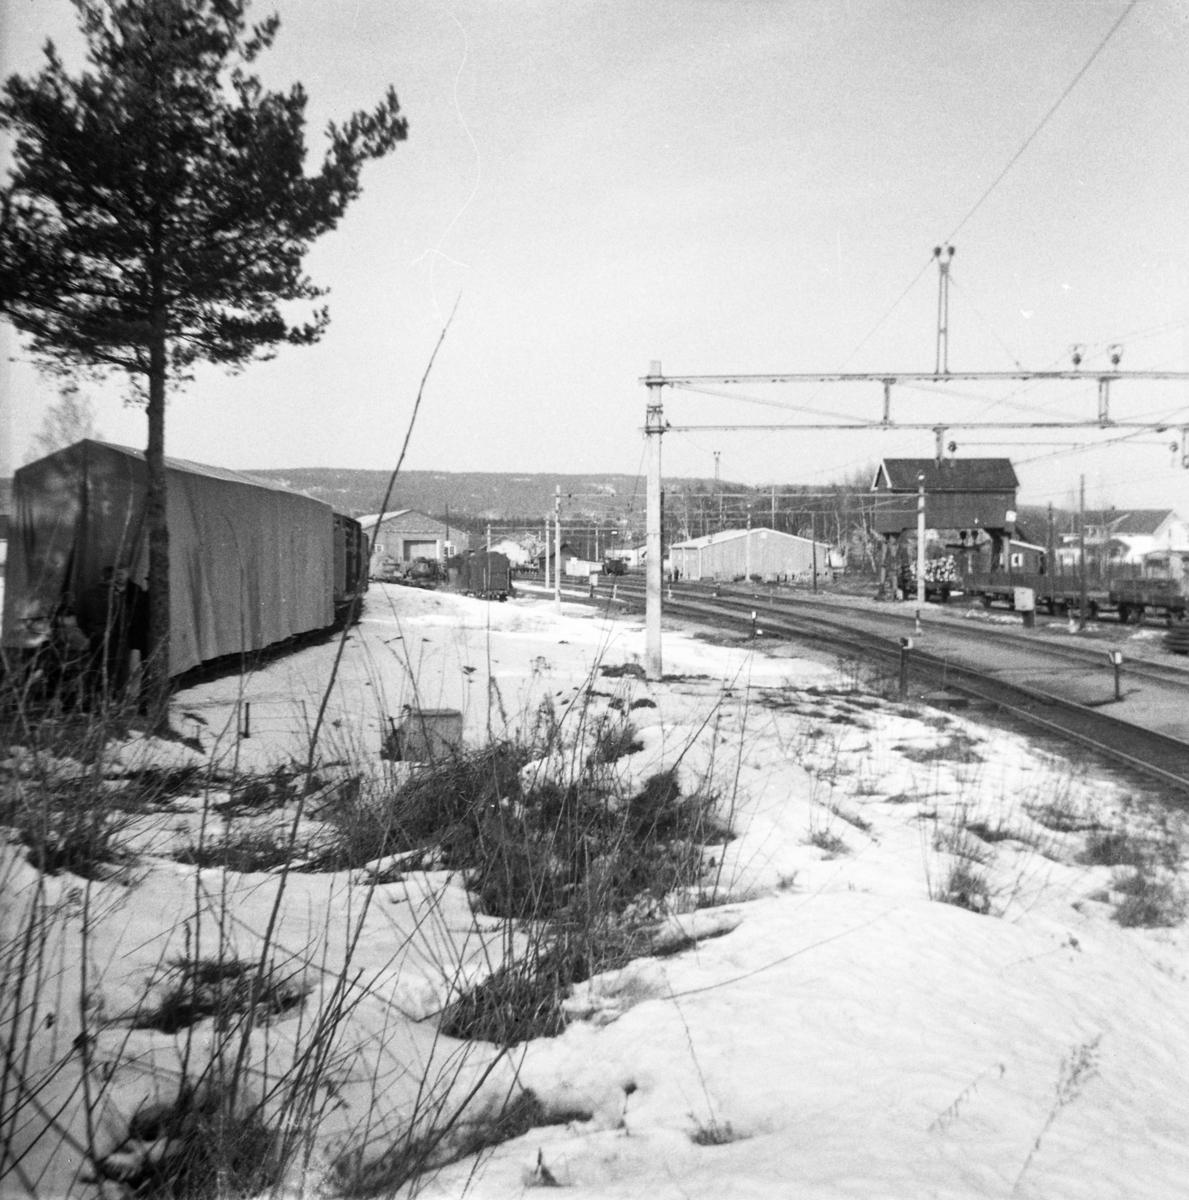 Oversiktsbilde fra Sørumsand stasjon. Urskog-Hølandsbanens lokomotiver under pressenning.